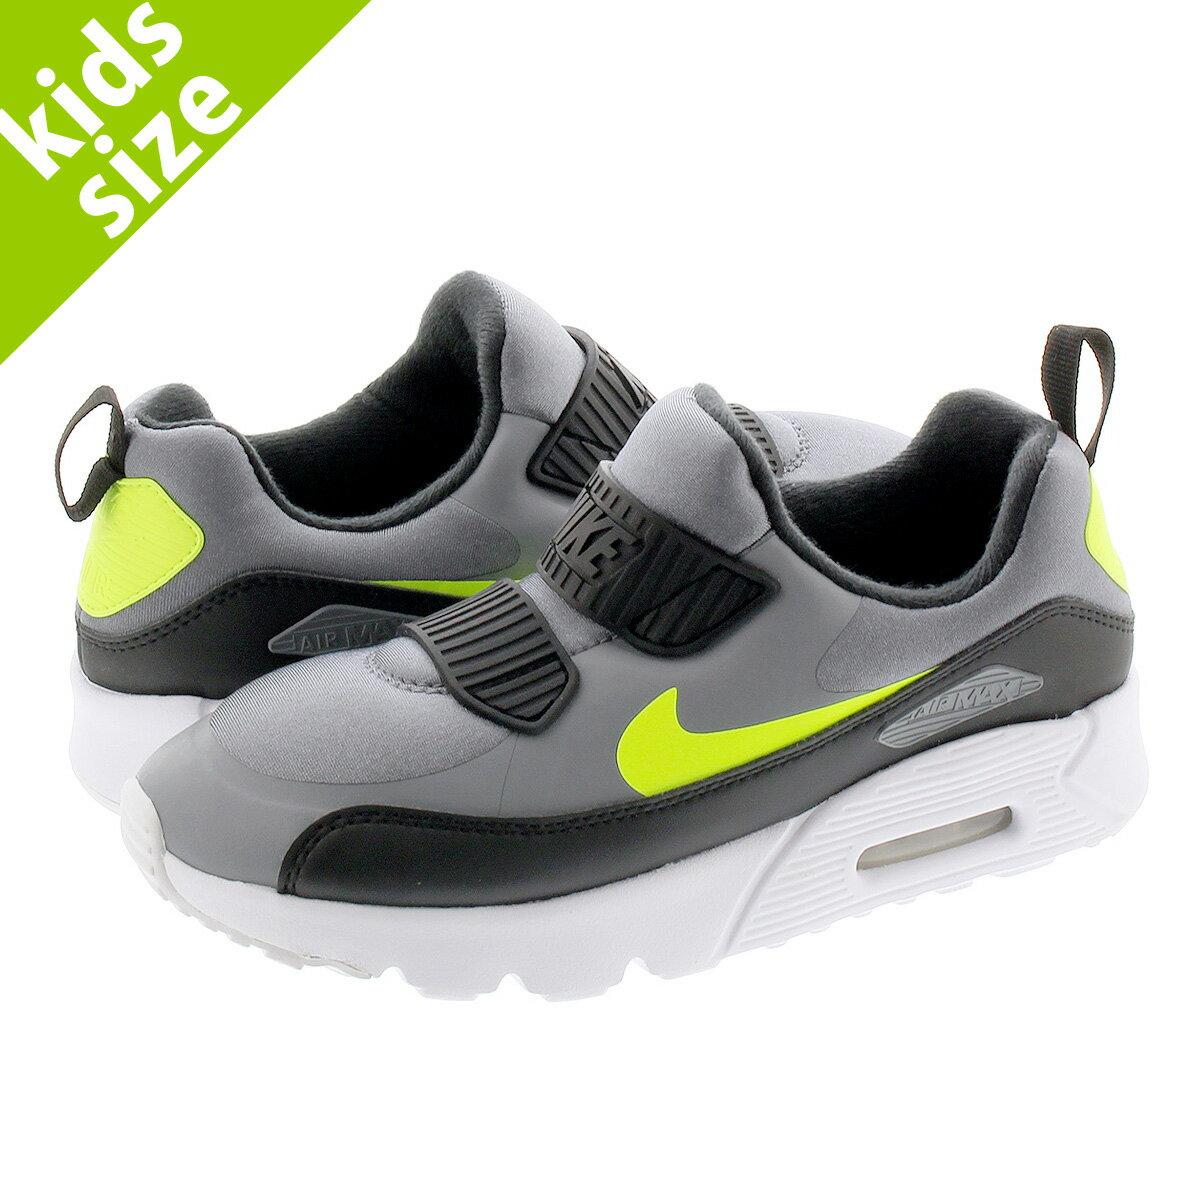 靴, スニーカー 16.022.0cm NIKE AIR MAX 90 TINY PS 90 PS COOL GREYVOLTBLACK 881927-019